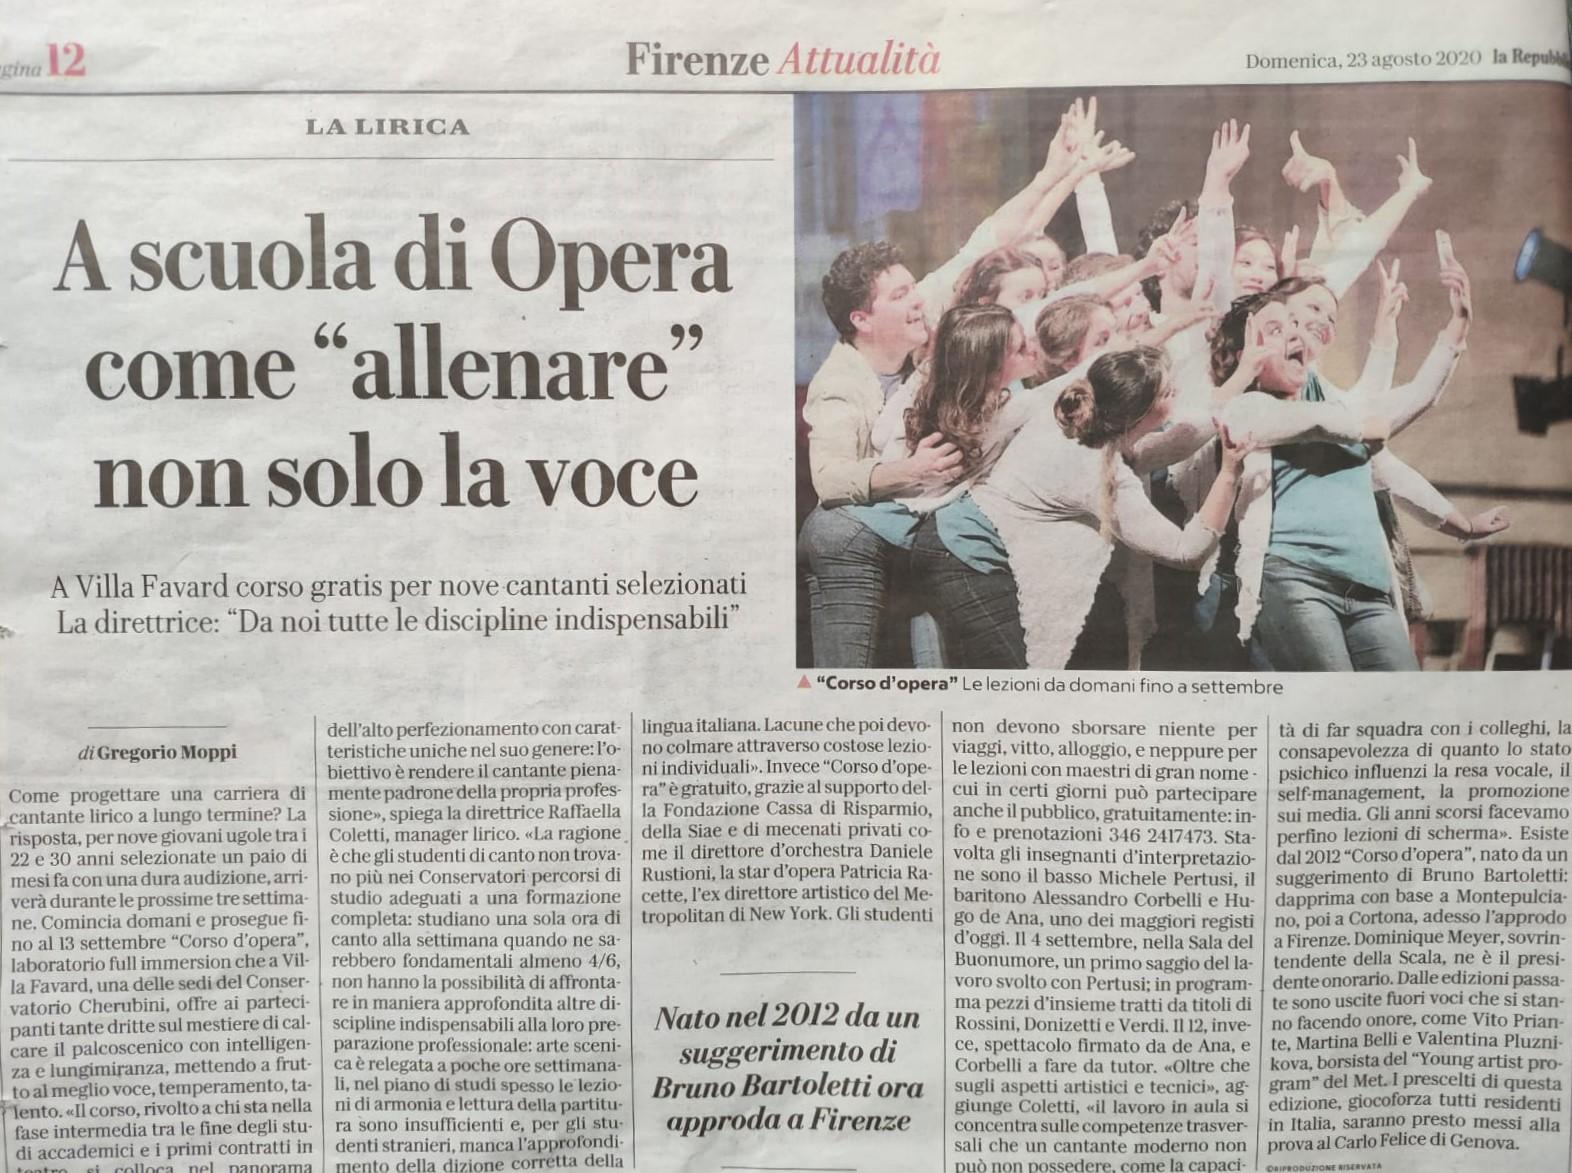 La Repubblica 23 agosto